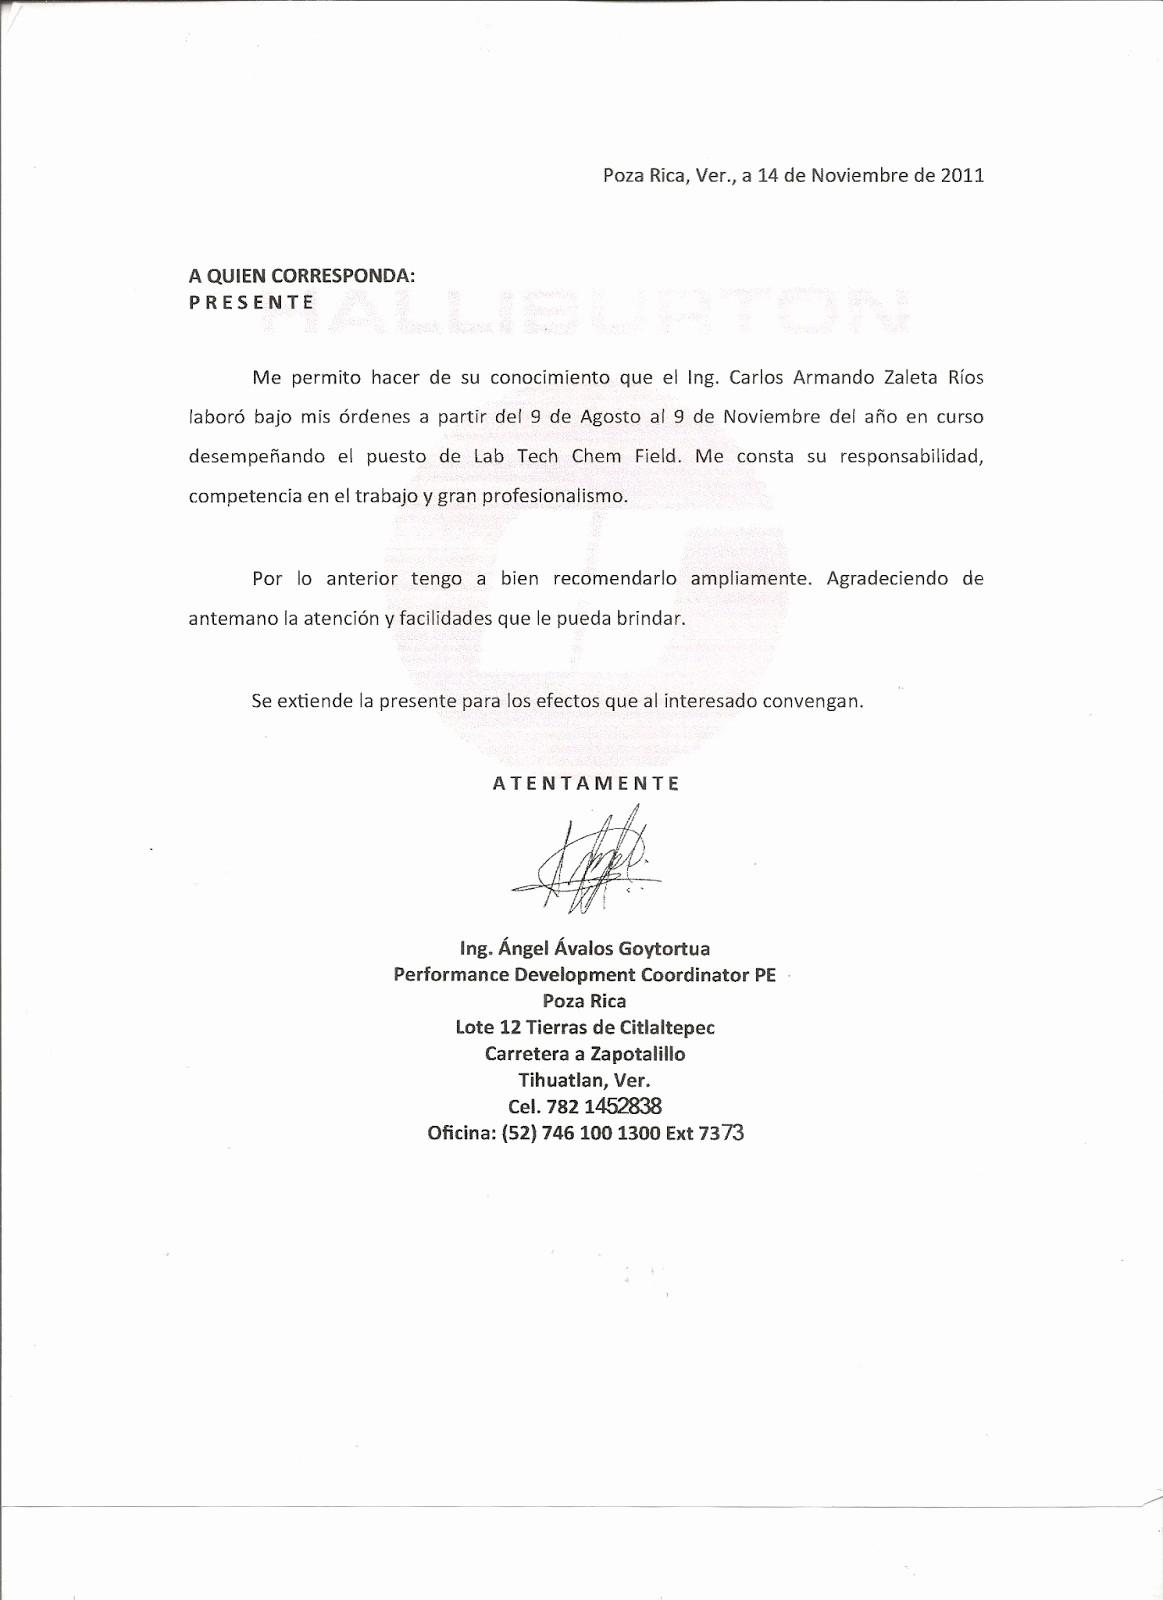 Formato Para Carta De Recomendacion Fresh Carta De Re Endacion Laboral Word Wood Scribd Mexico